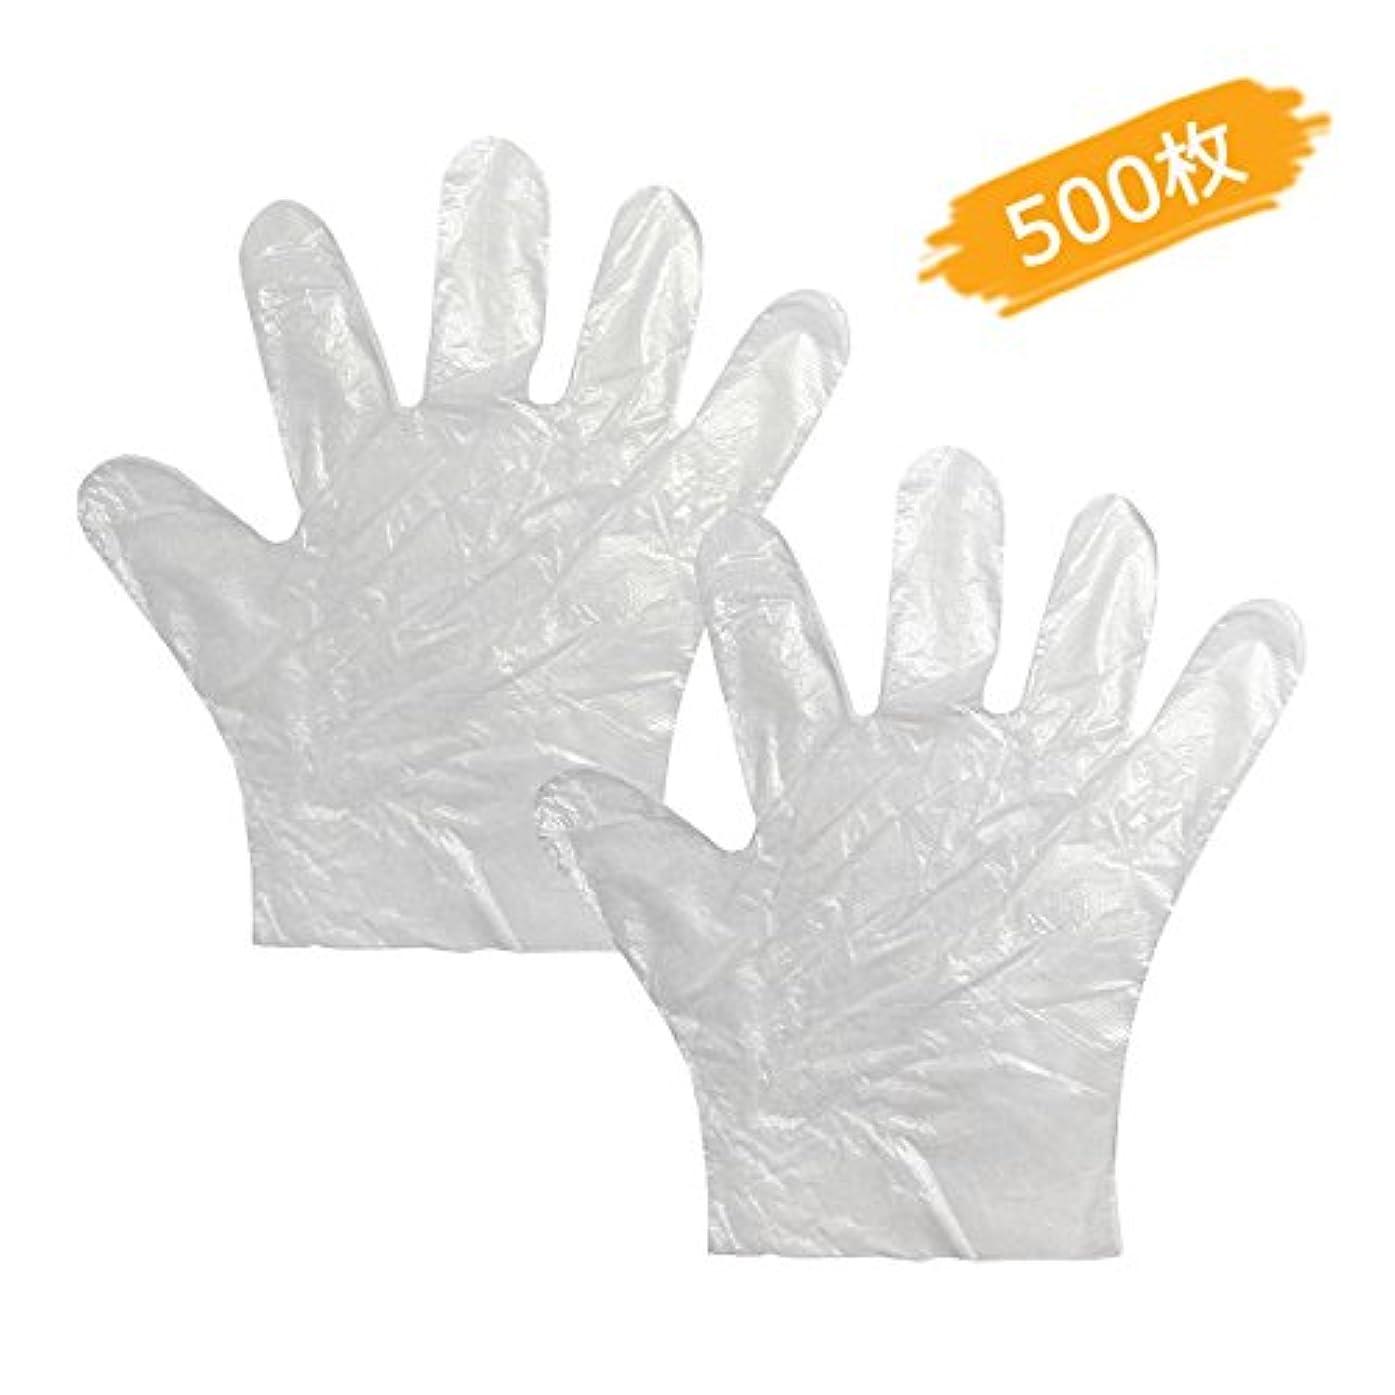 忘れられない財産エジプト使い捨て手袋 極薄ビニール手袋 調理 透明 実用 衛生 500枚入